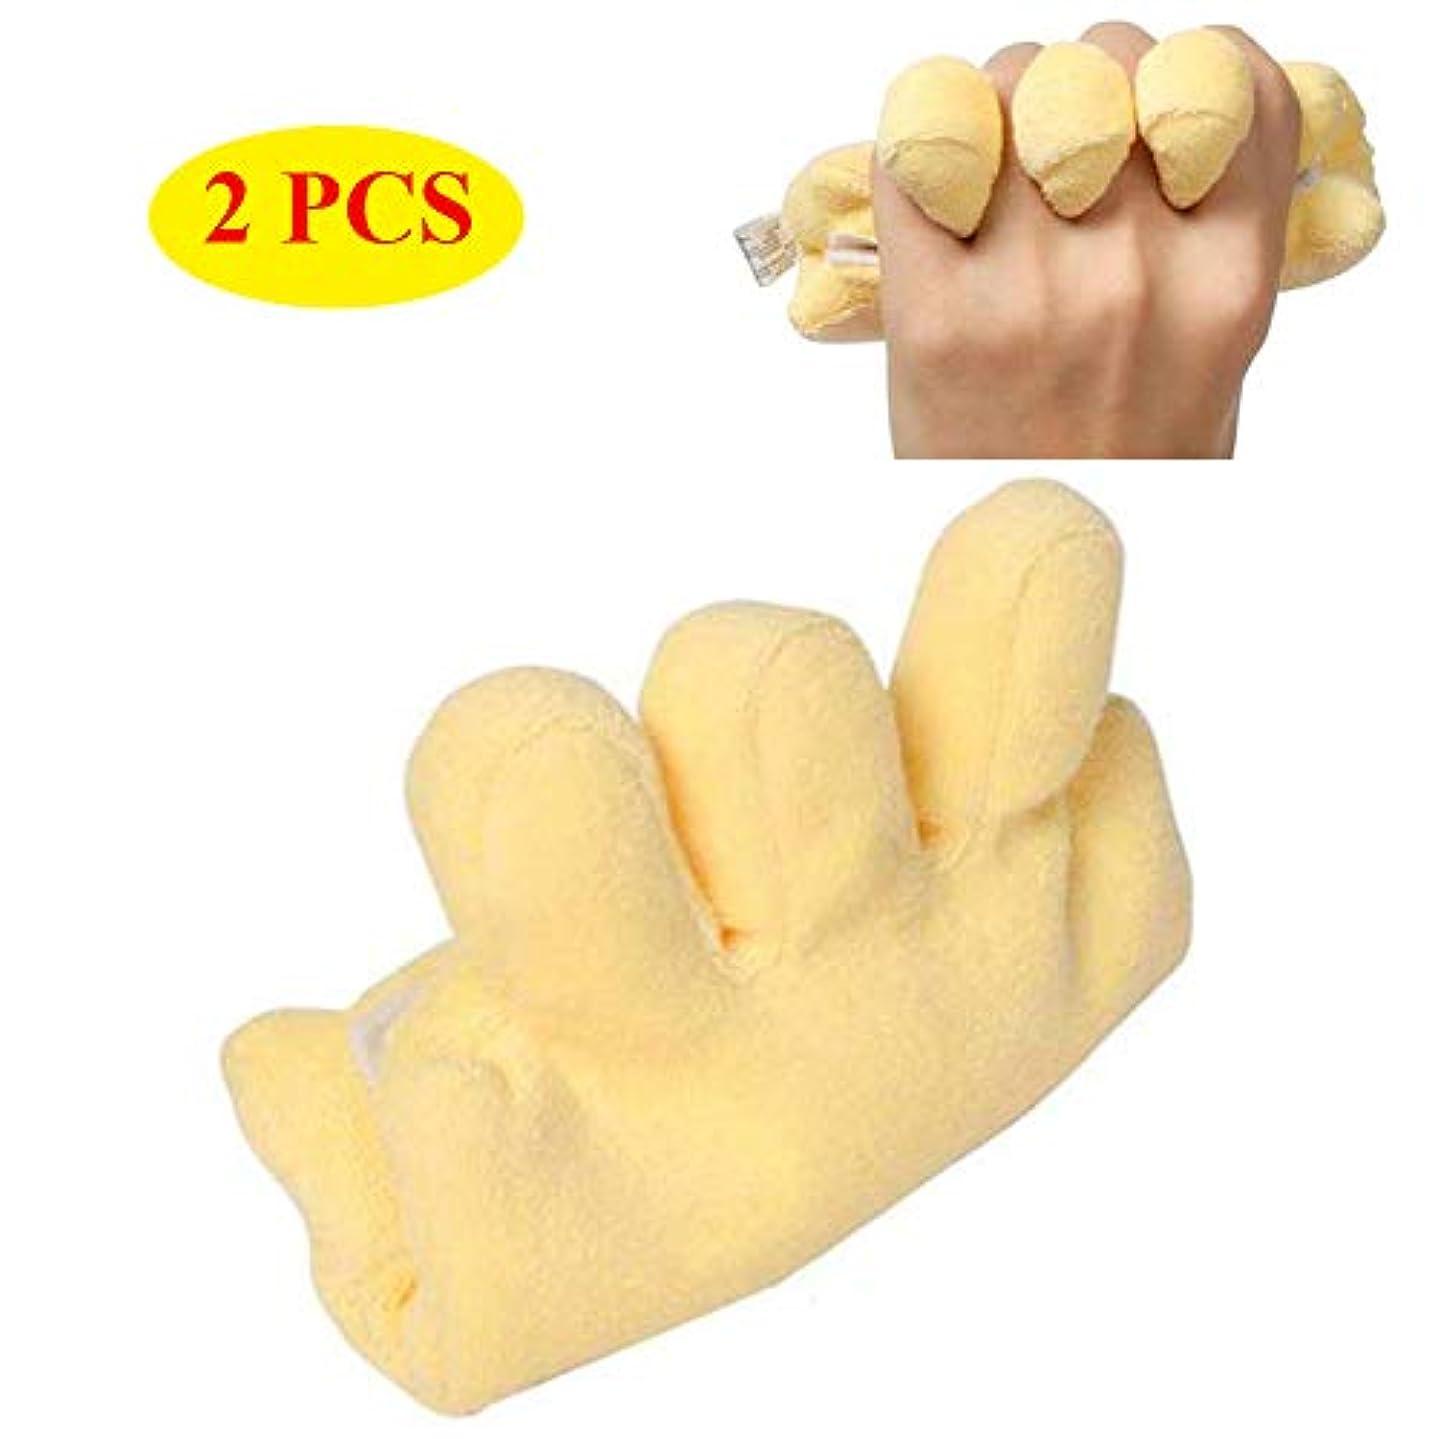 公式肥沃な活気づく手拘縮装具予防クッション、患者高齢者用の指セパレーター付きパームプロテクター,2PCS